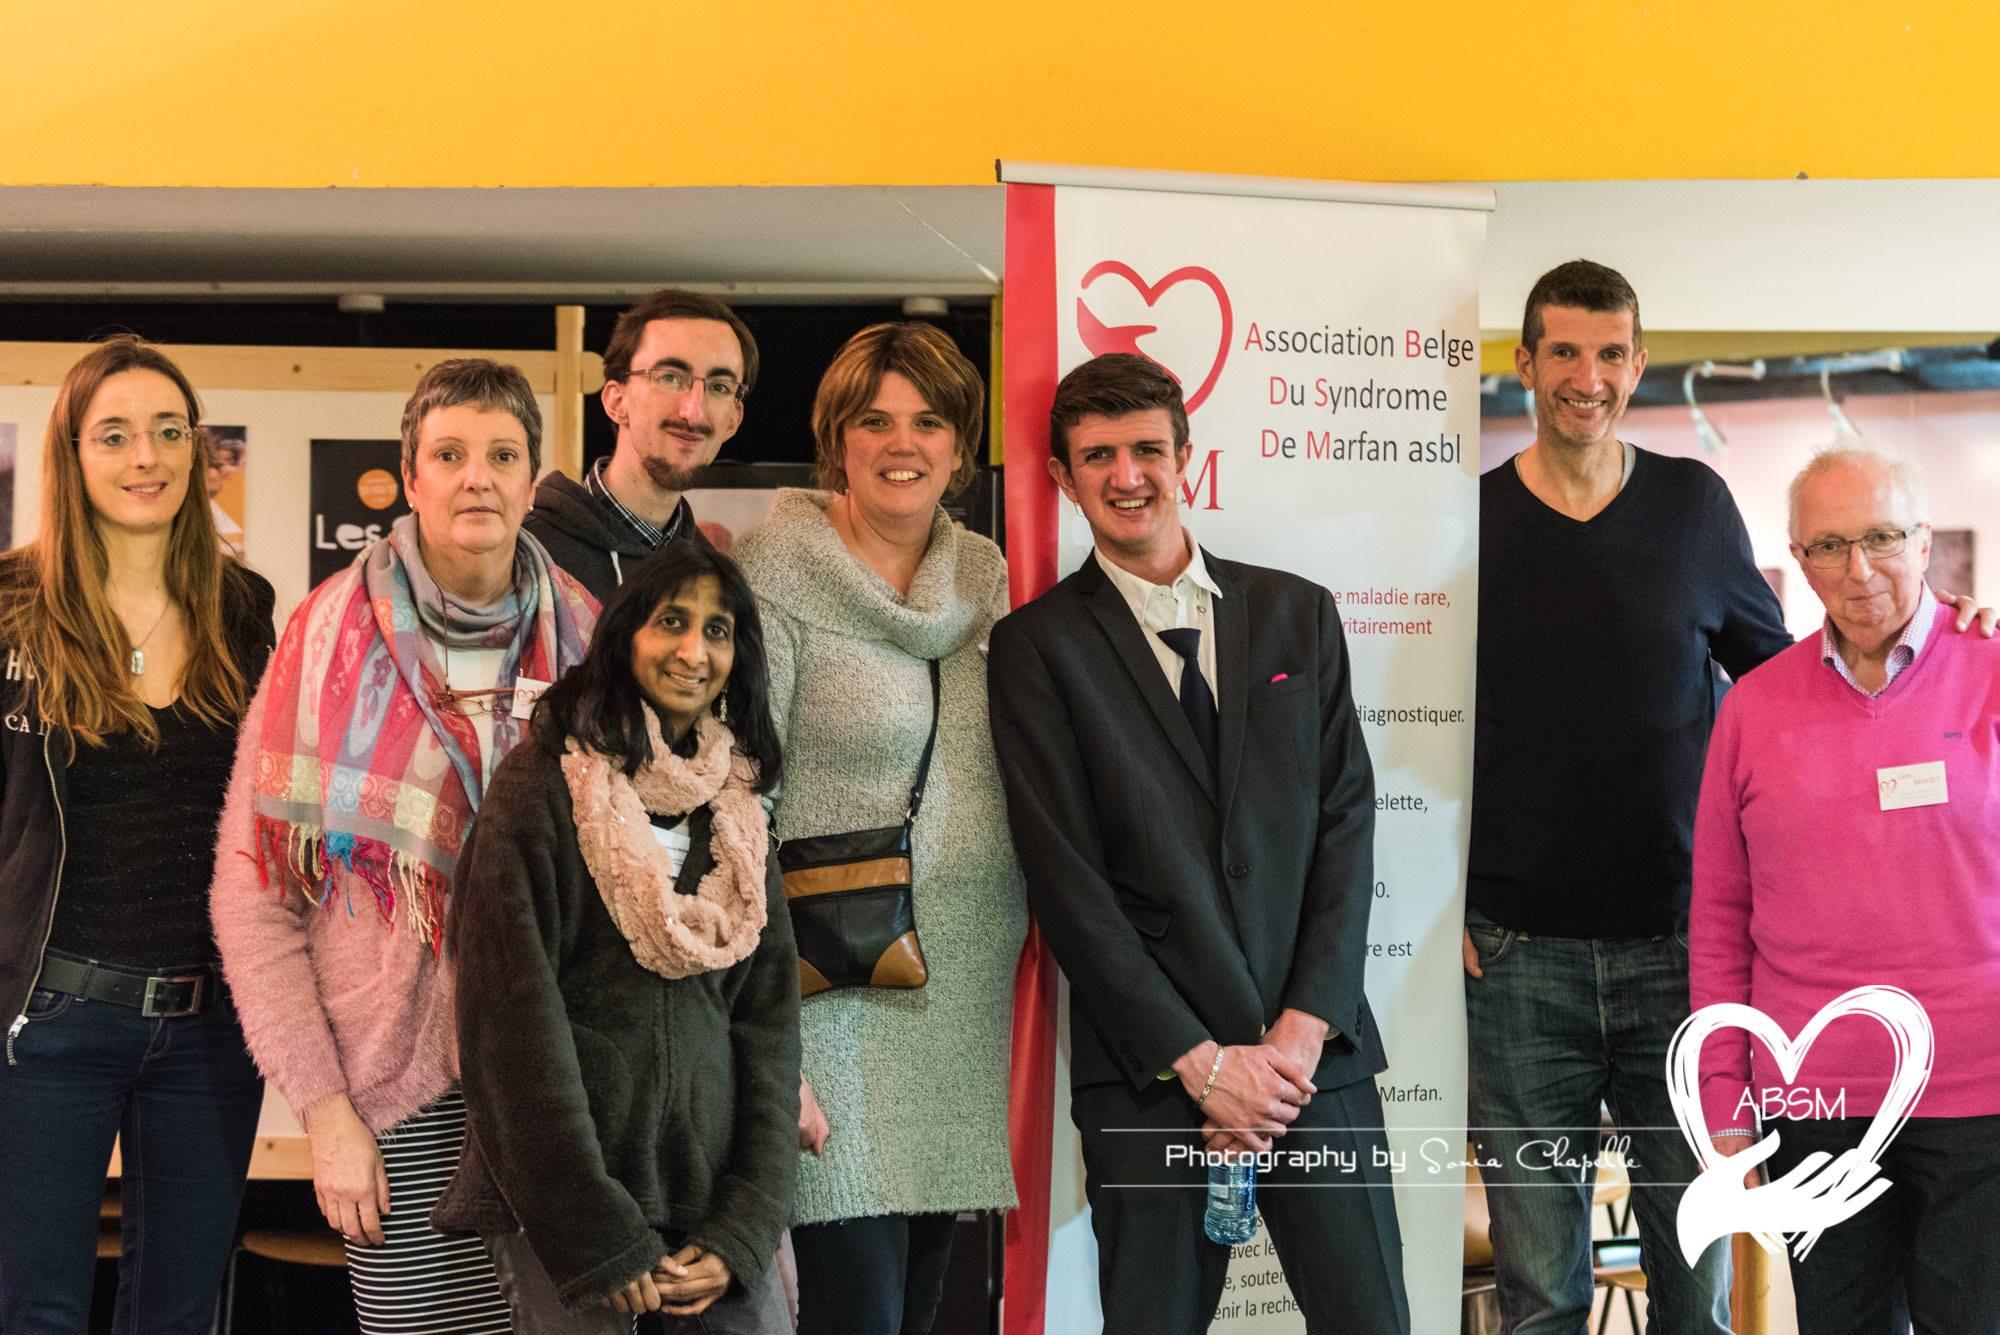 L'Association belge du Syndrome de Marfan a organisé le 25 février un gala du rire à Seraing. (Photographe : Sonia Chapelle)